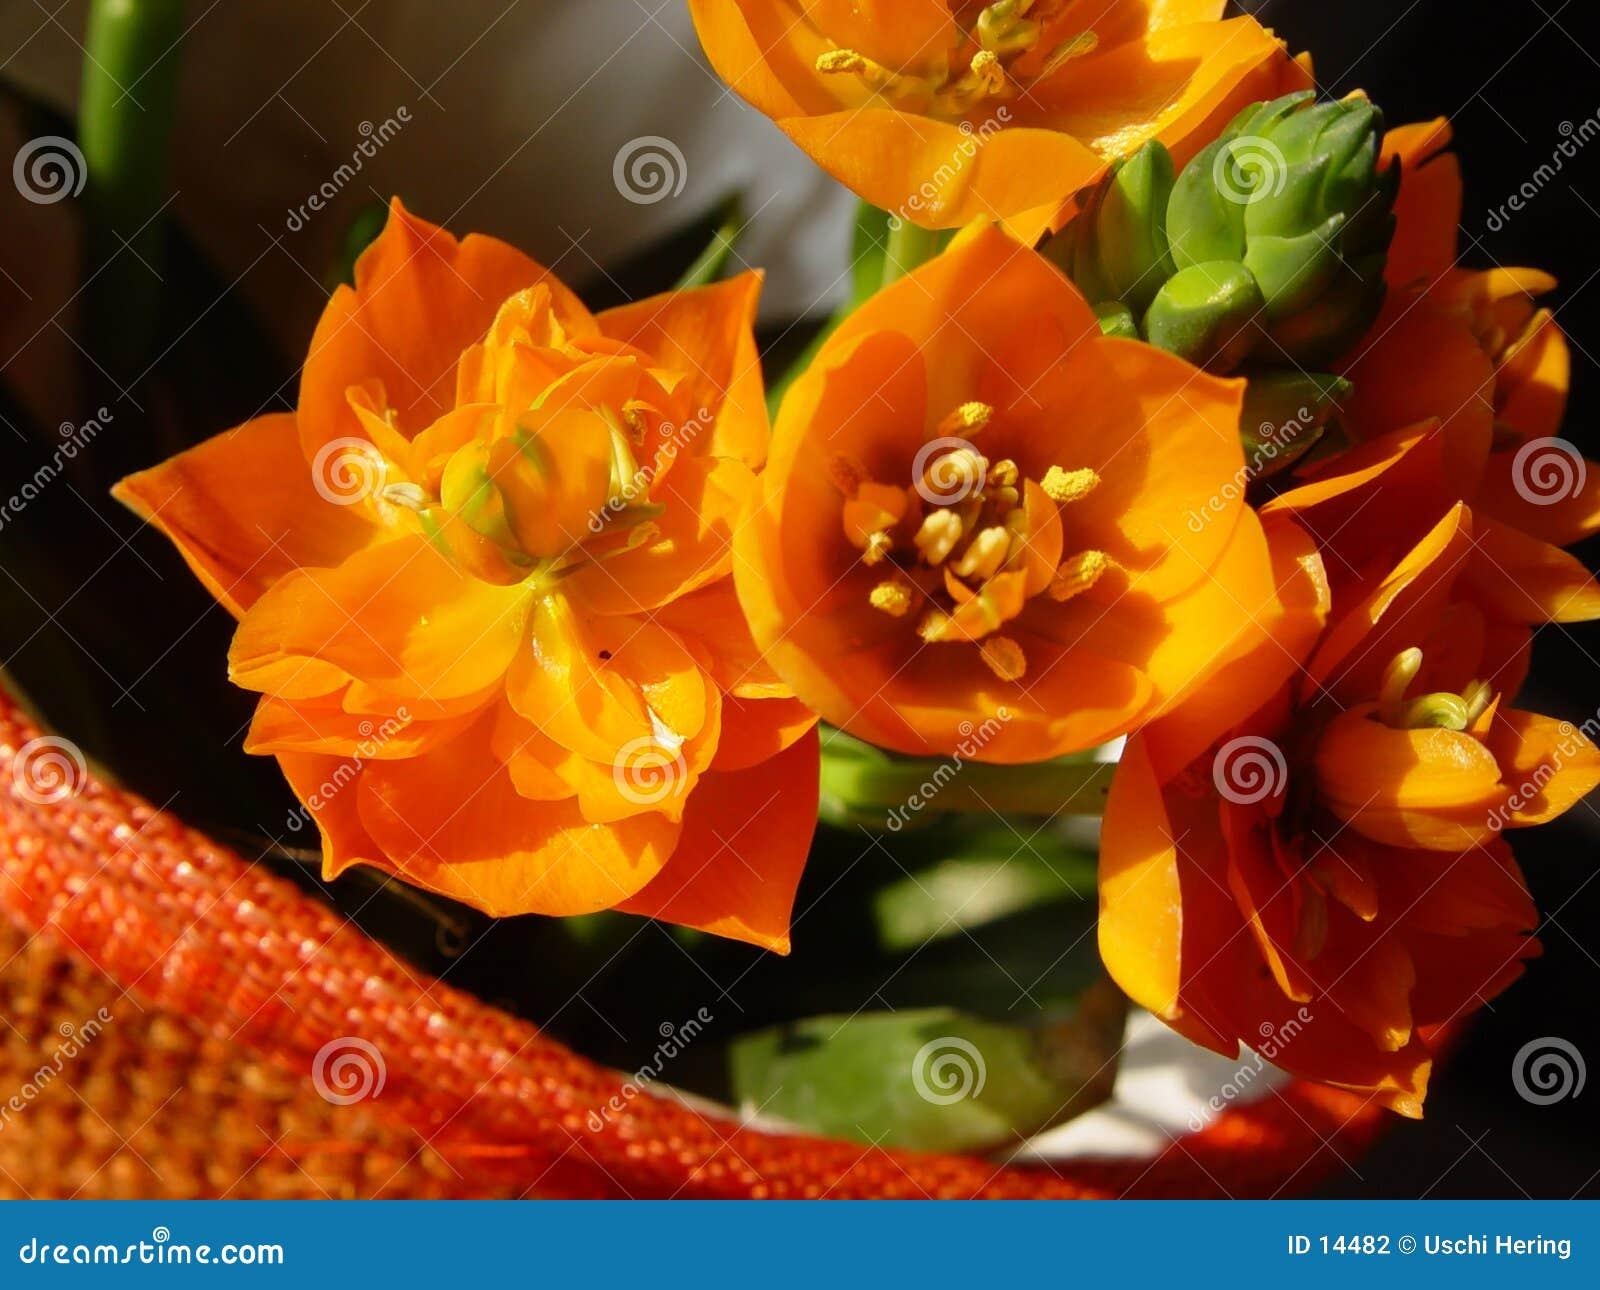 Fiori Arancioni In Un POT Fotografia Stock - Immagine: 14482